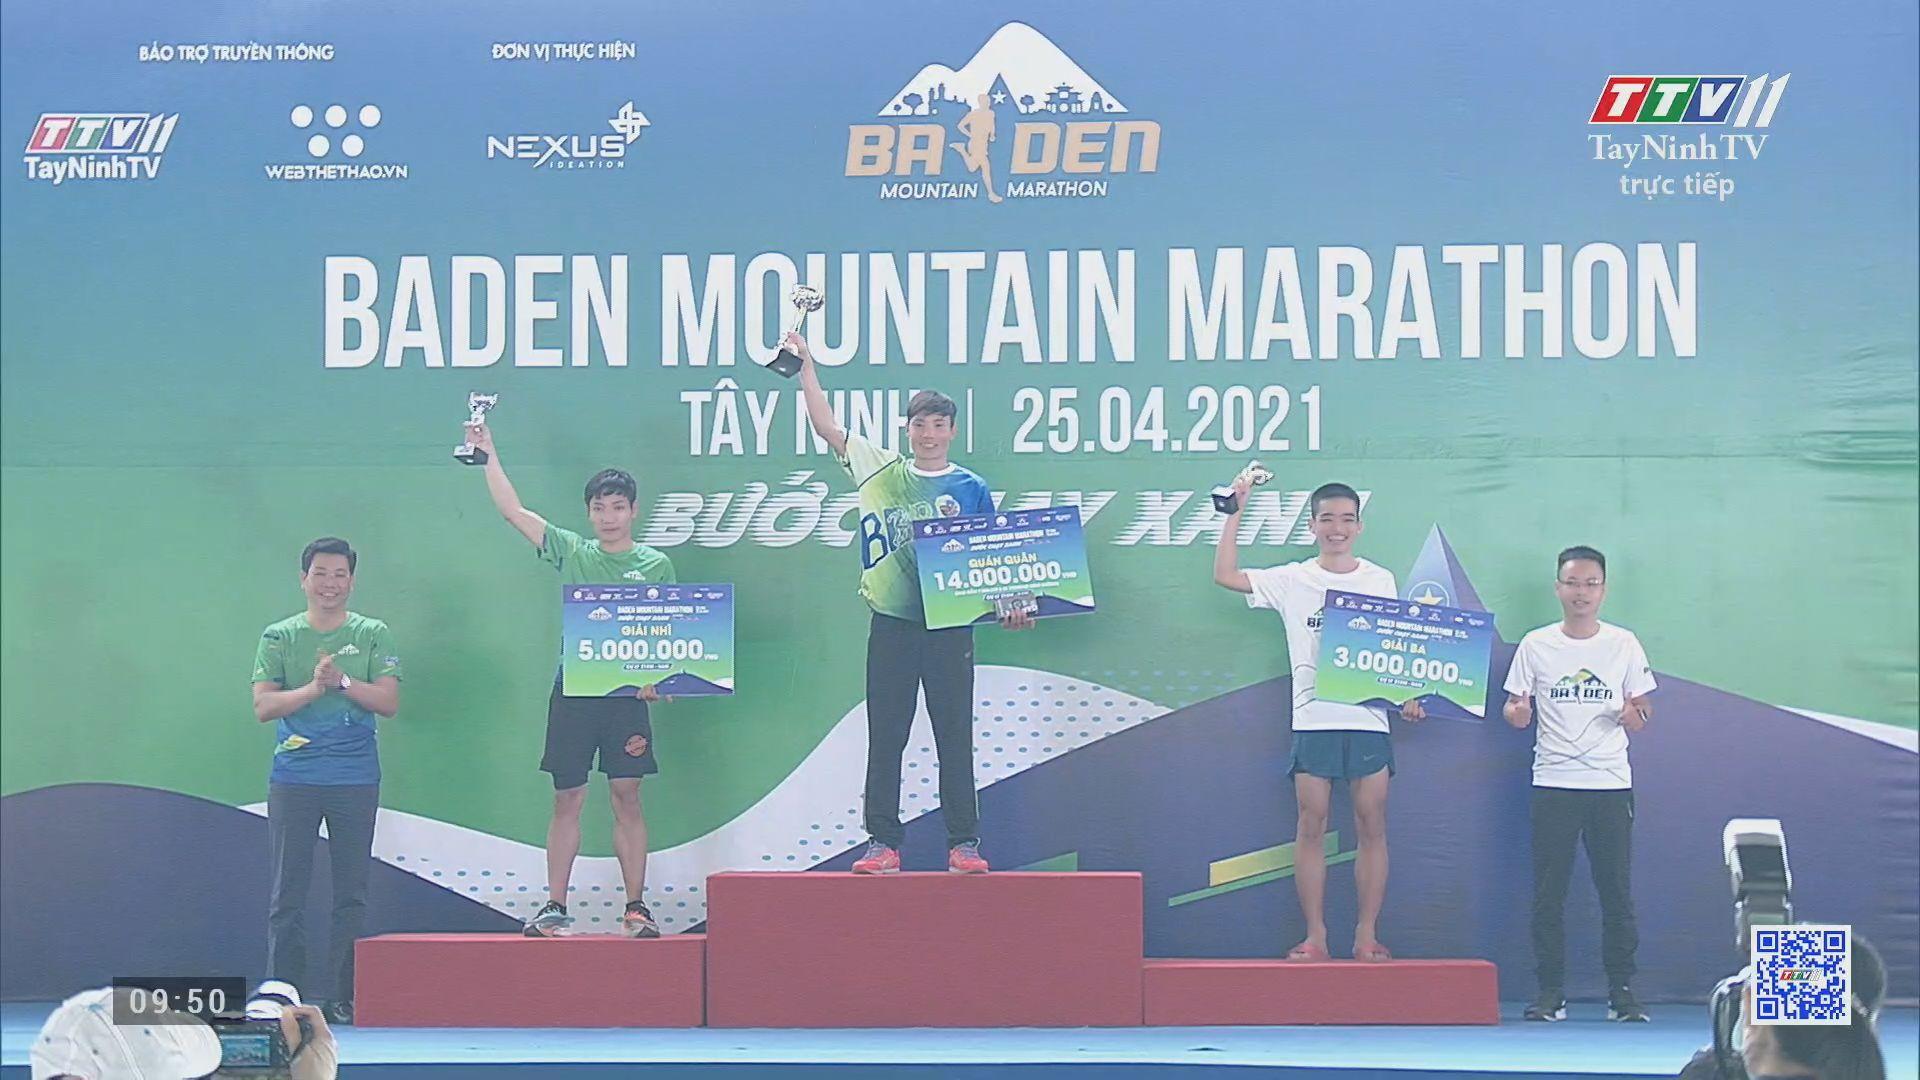 Trực tiếp PHẦN TRAO Giải BaDen Mountain Marathon tỉnh Tây Ninh lần thứ I năm 2021 | TayNinhTVE